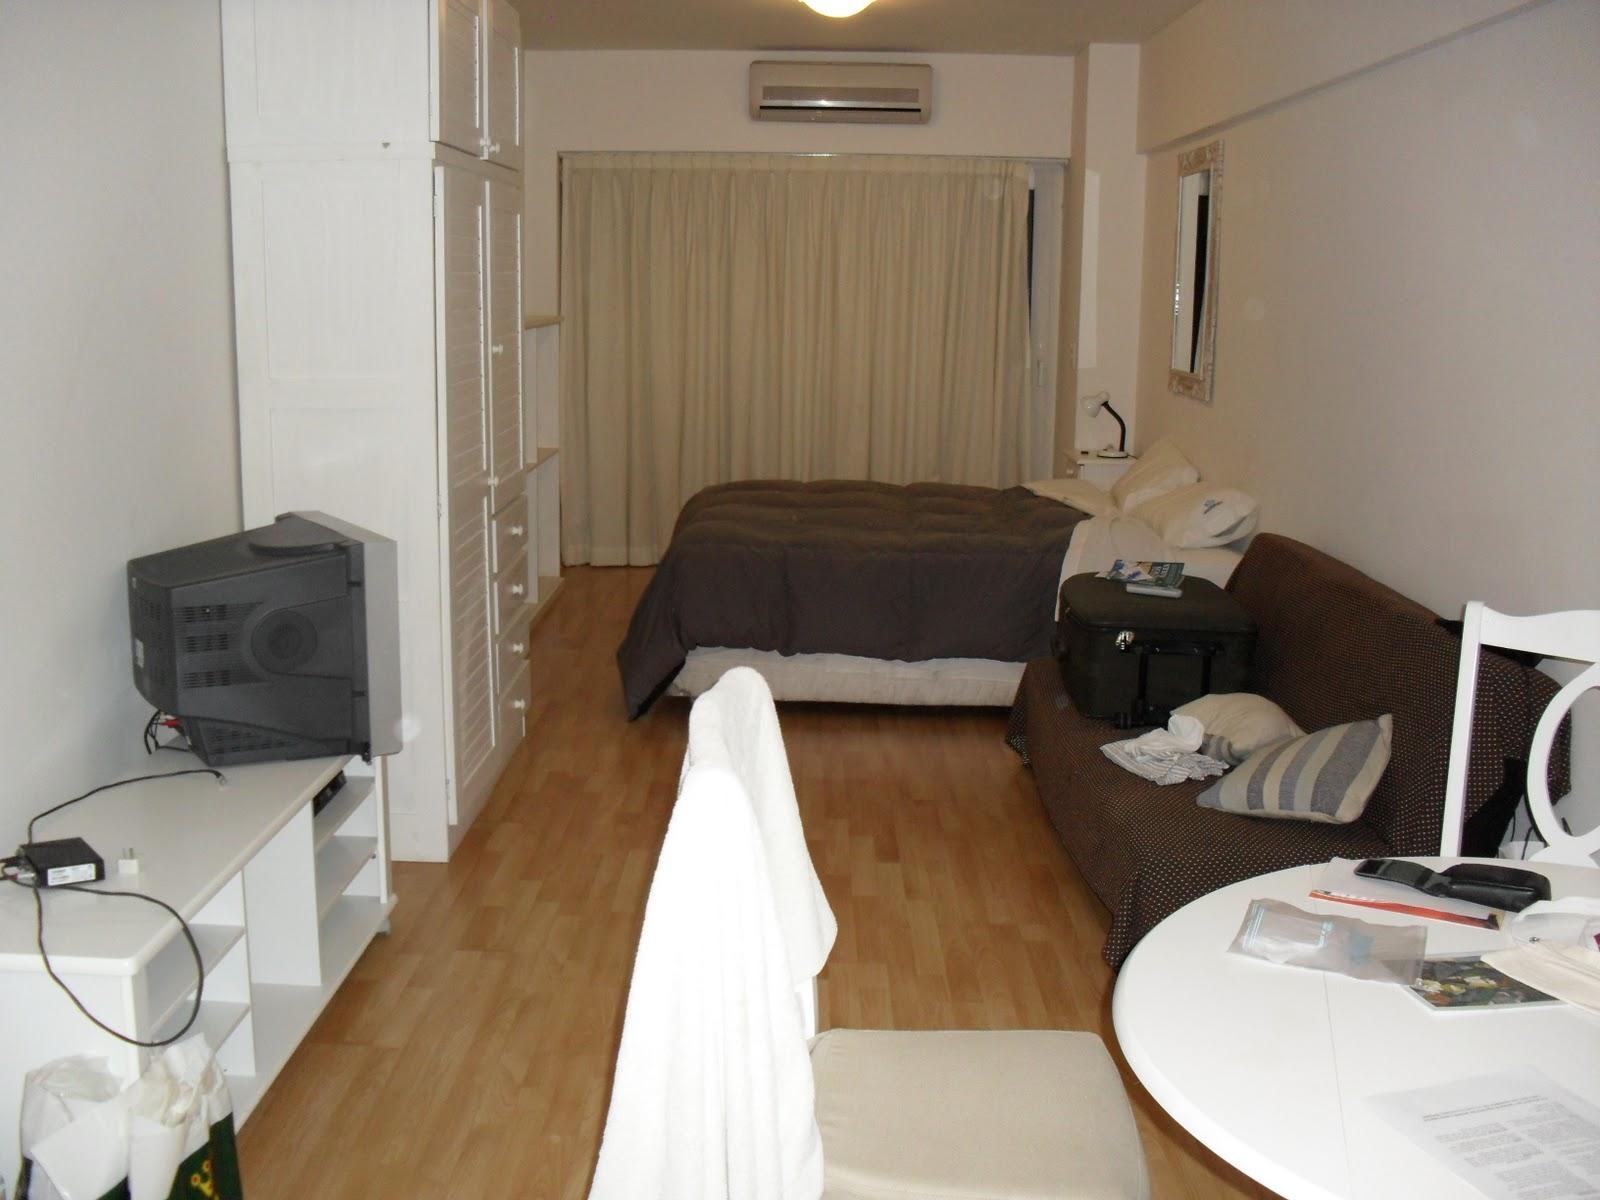 TURISMO E VIAGENS NAS MINHAS TERRAS: Hospedagem em Buenos Aires #6C4626 1600x1200 Banheiro Apartamento Alugado